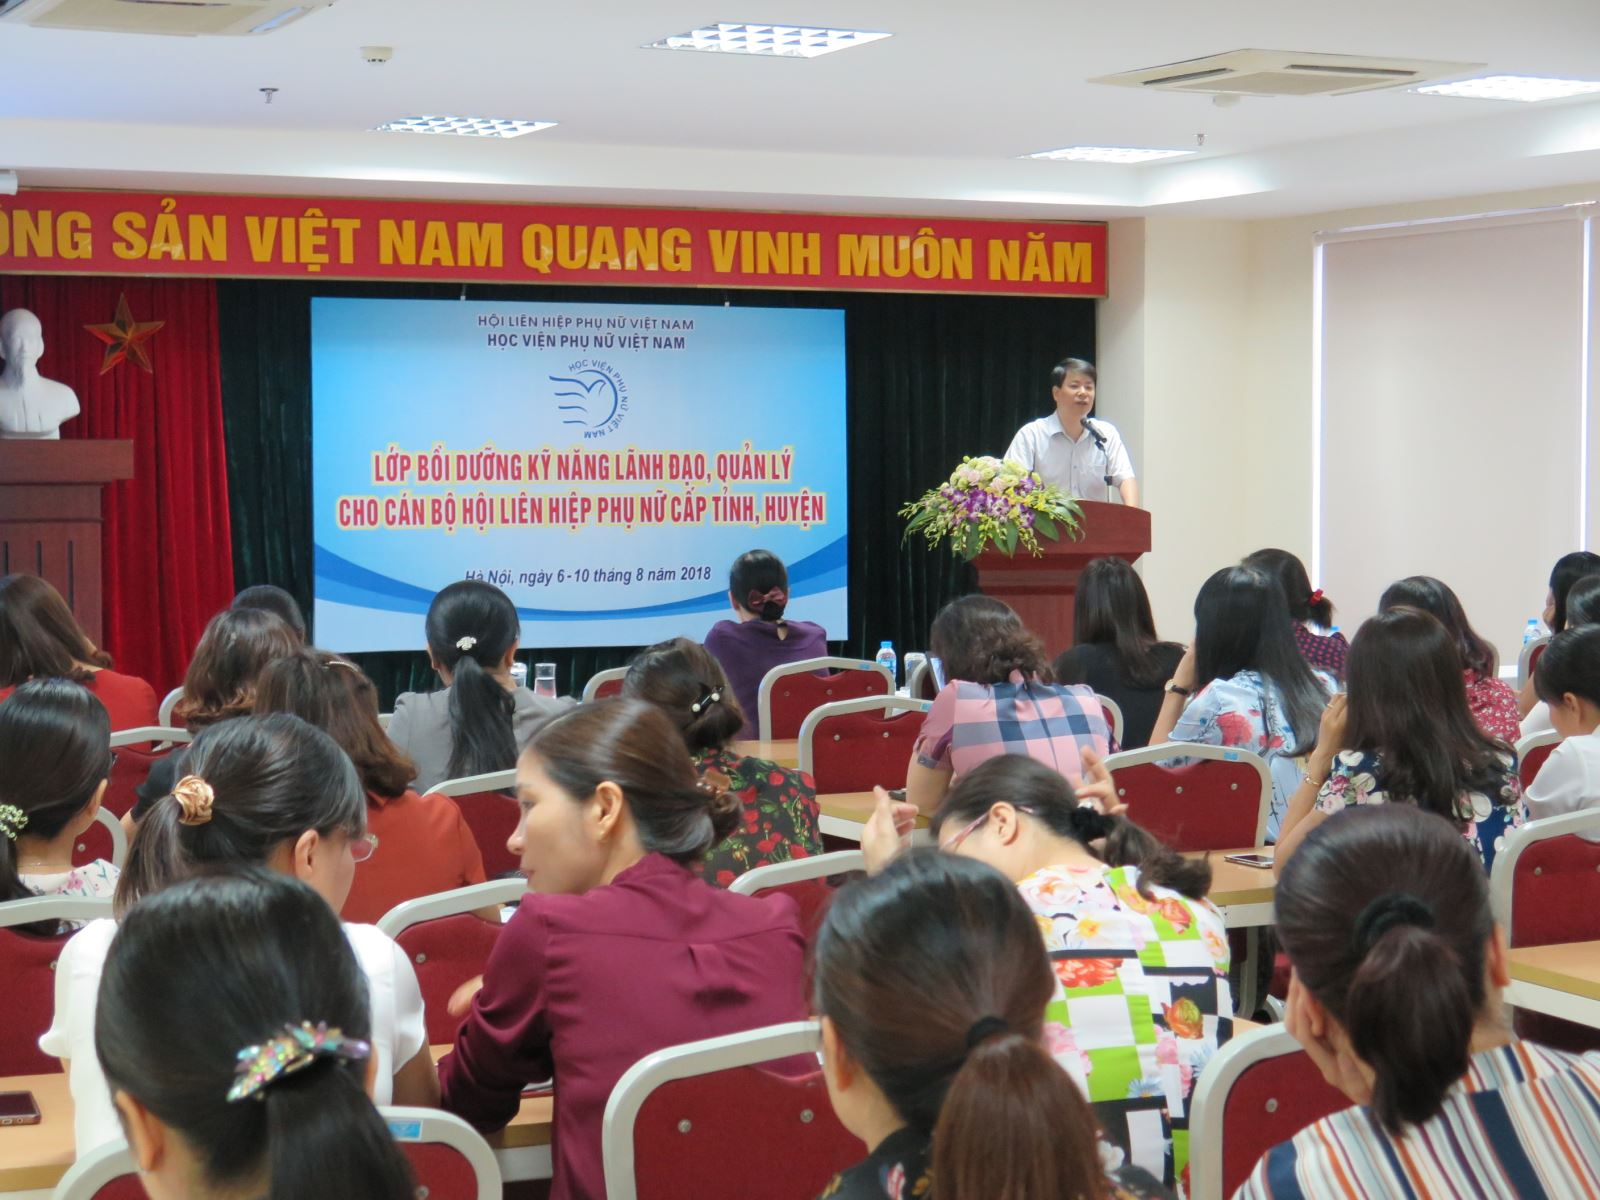 Khai giảng lớp bồi dưỡng kỹ năng lãnh đạo, quản lý  cho cán bộ Hội Liên hiệp Phụ nữ cấp tỉnh và huyện năm 2018